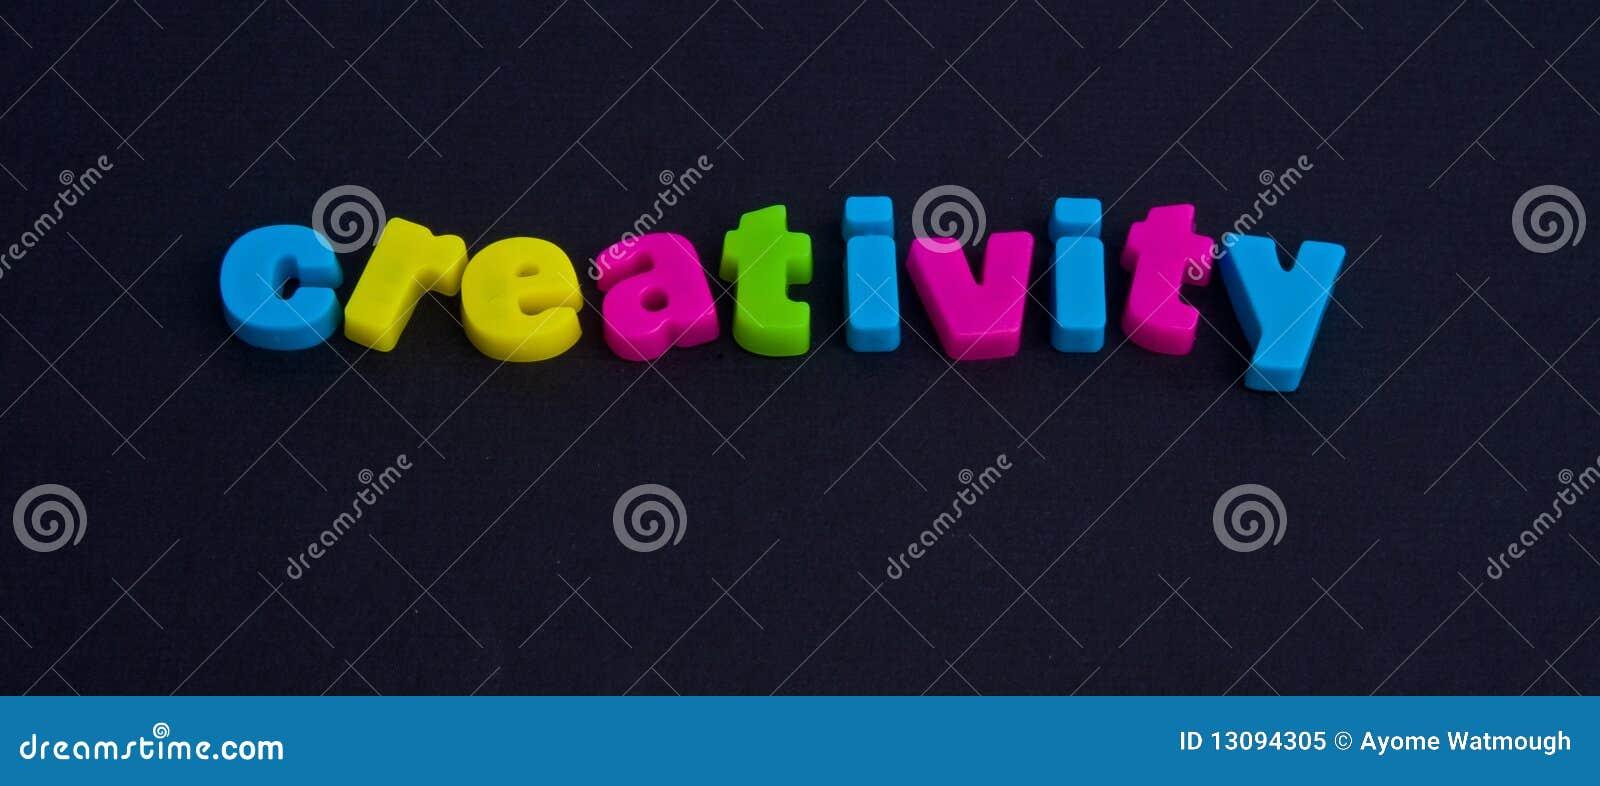 Creatividad: insignia posible.